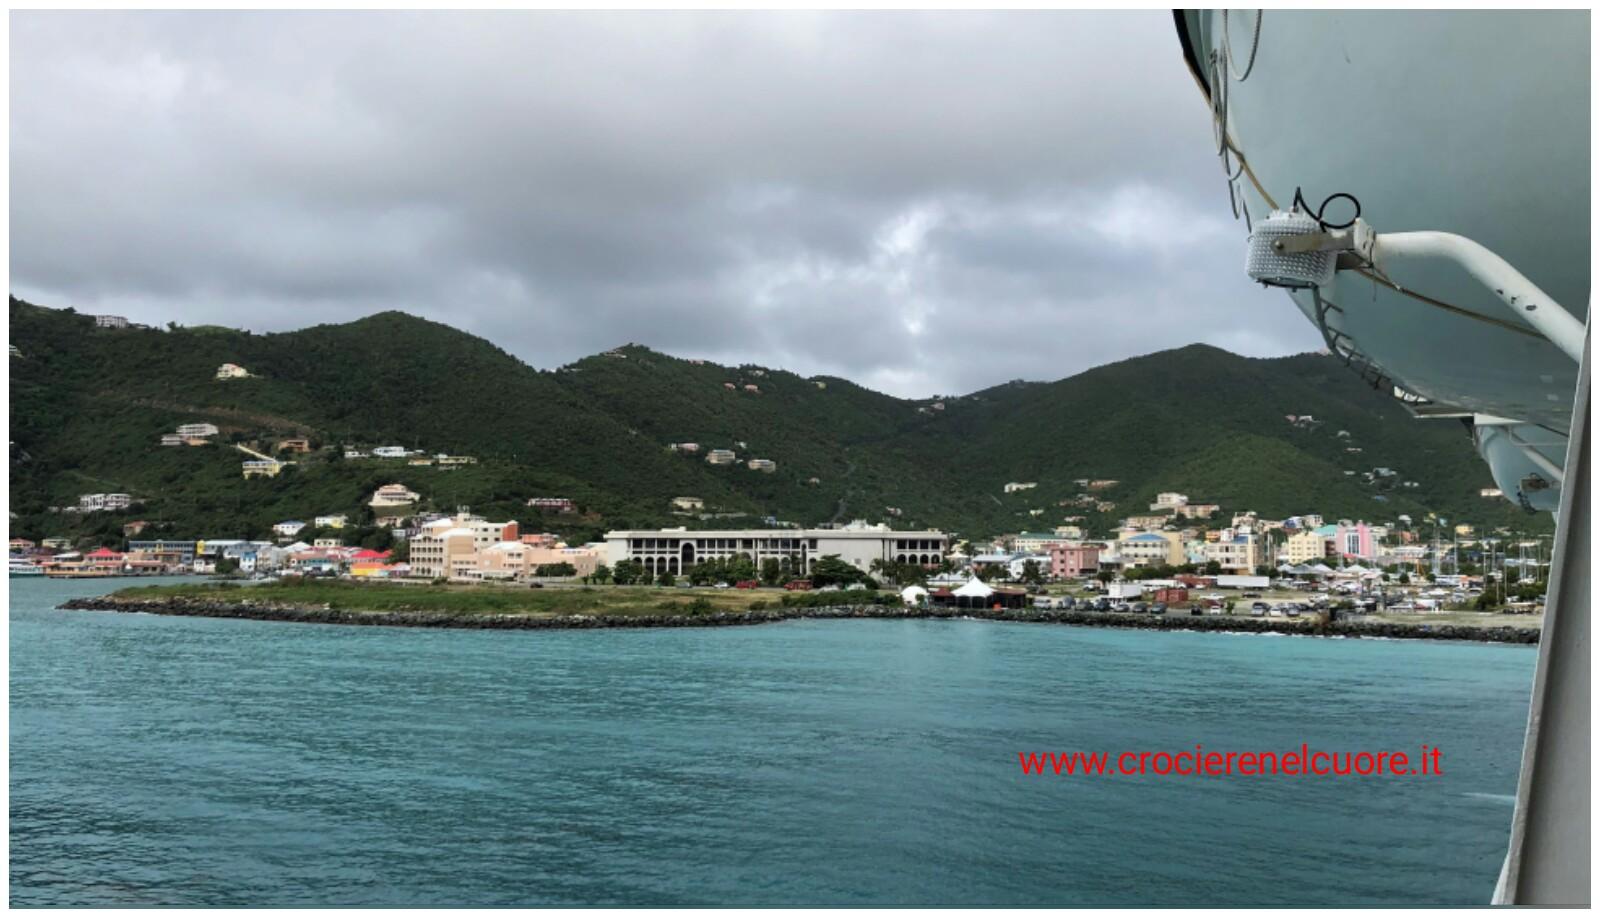 crociere nel cuore - Tortola